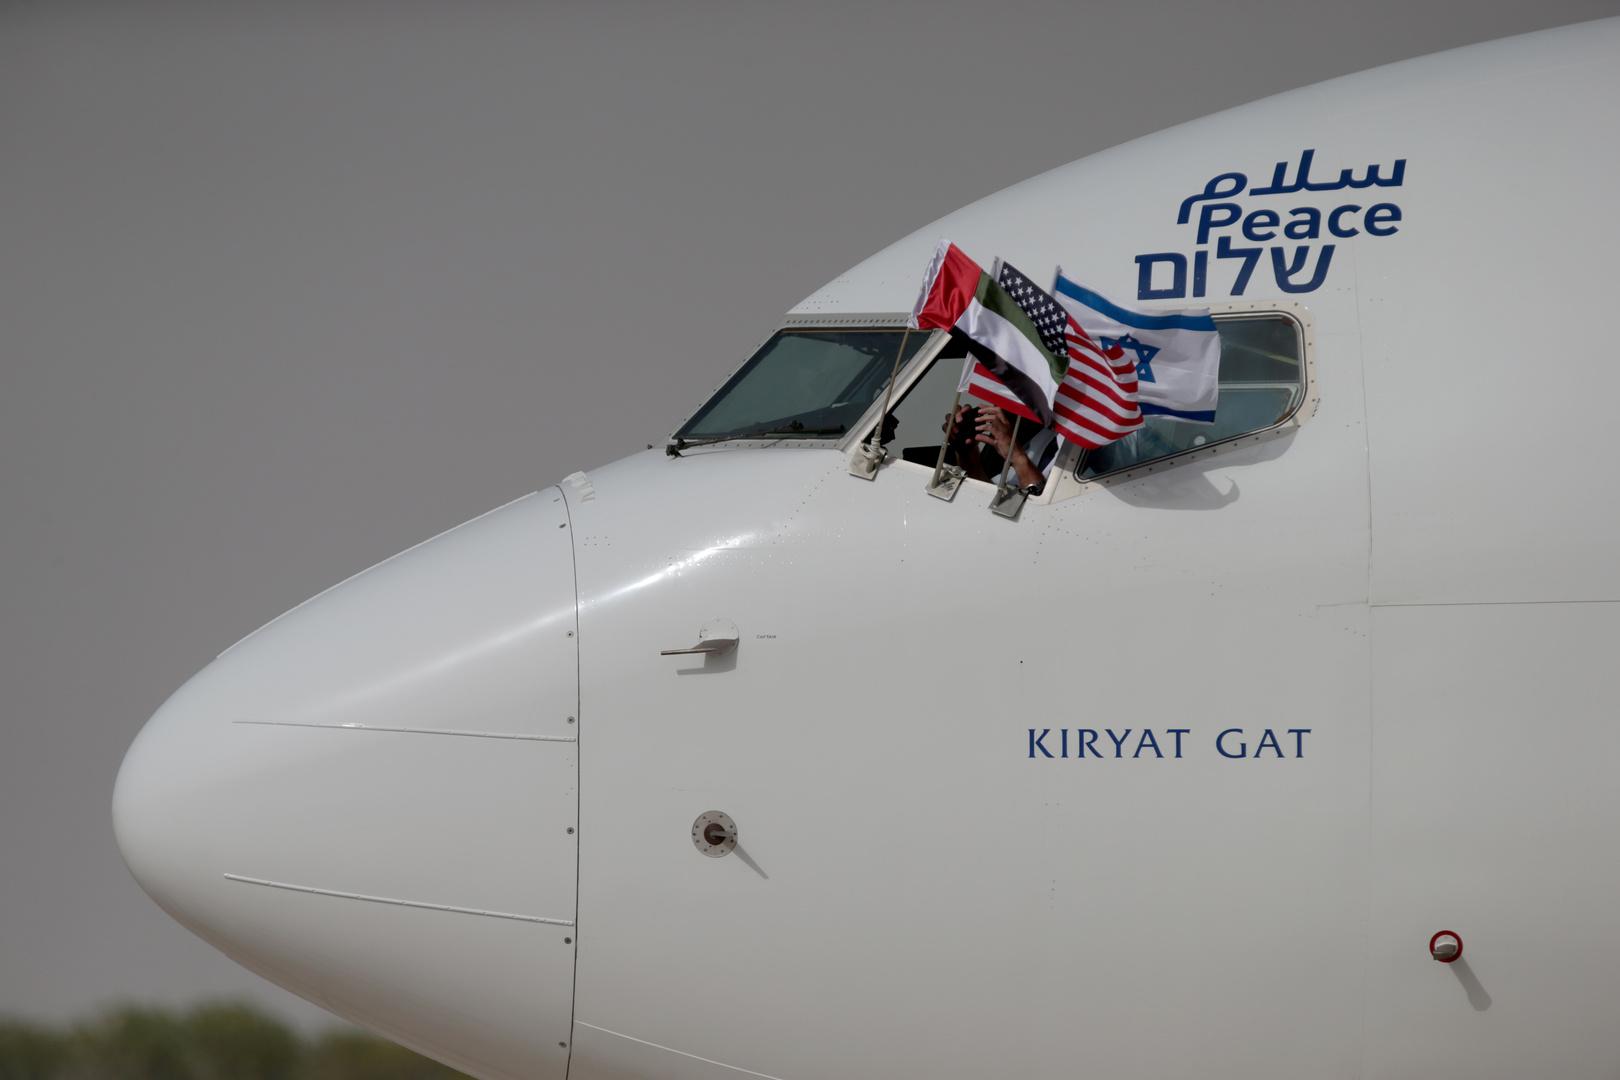 العلم الإماراتي والعلم الإسرائيلي والعلم الأمريكي على نافذة طائرة إسرائيلية مكتوب عليها